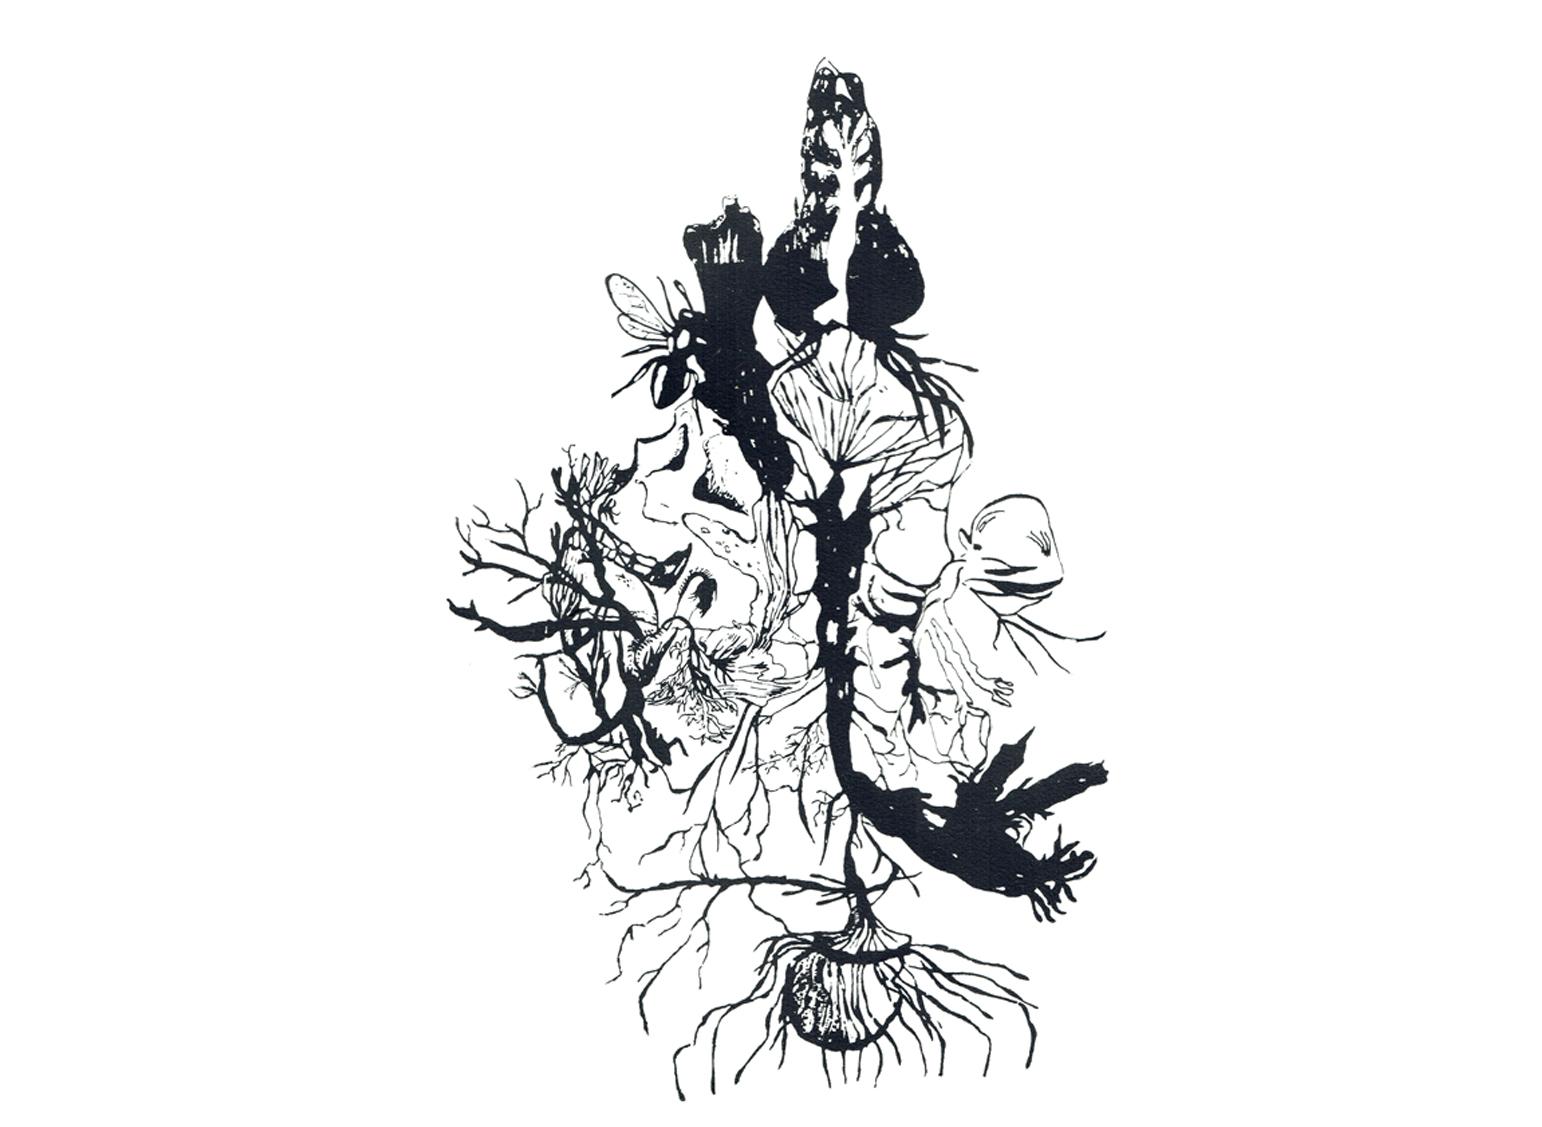 A l'ère de l'hybridation n°1, sérigraphie, 60cm x 40cm